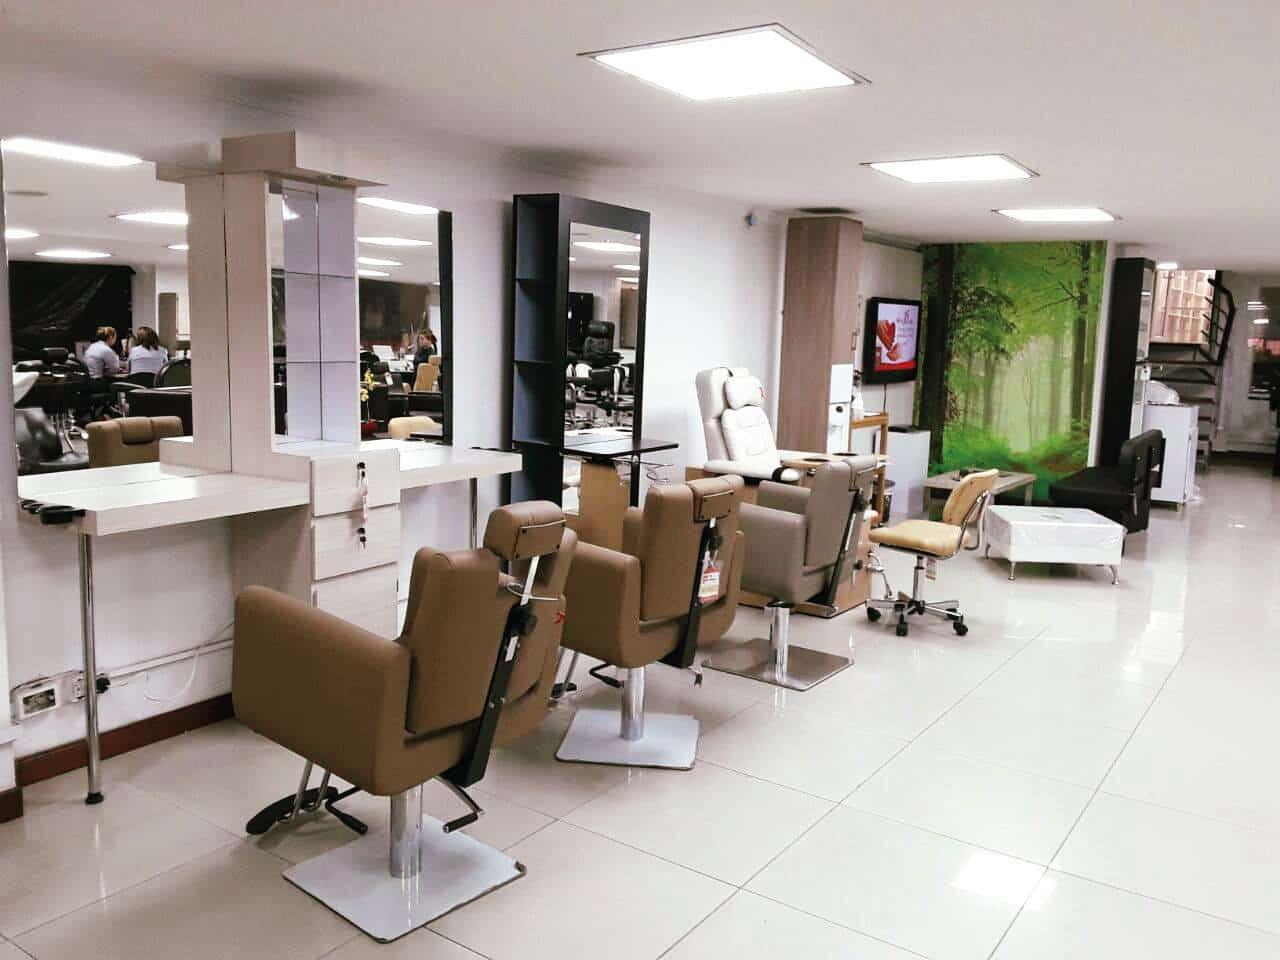 Dise o de interiores modernos seg n tus sillas de - Como amueblar una peluqueria ...